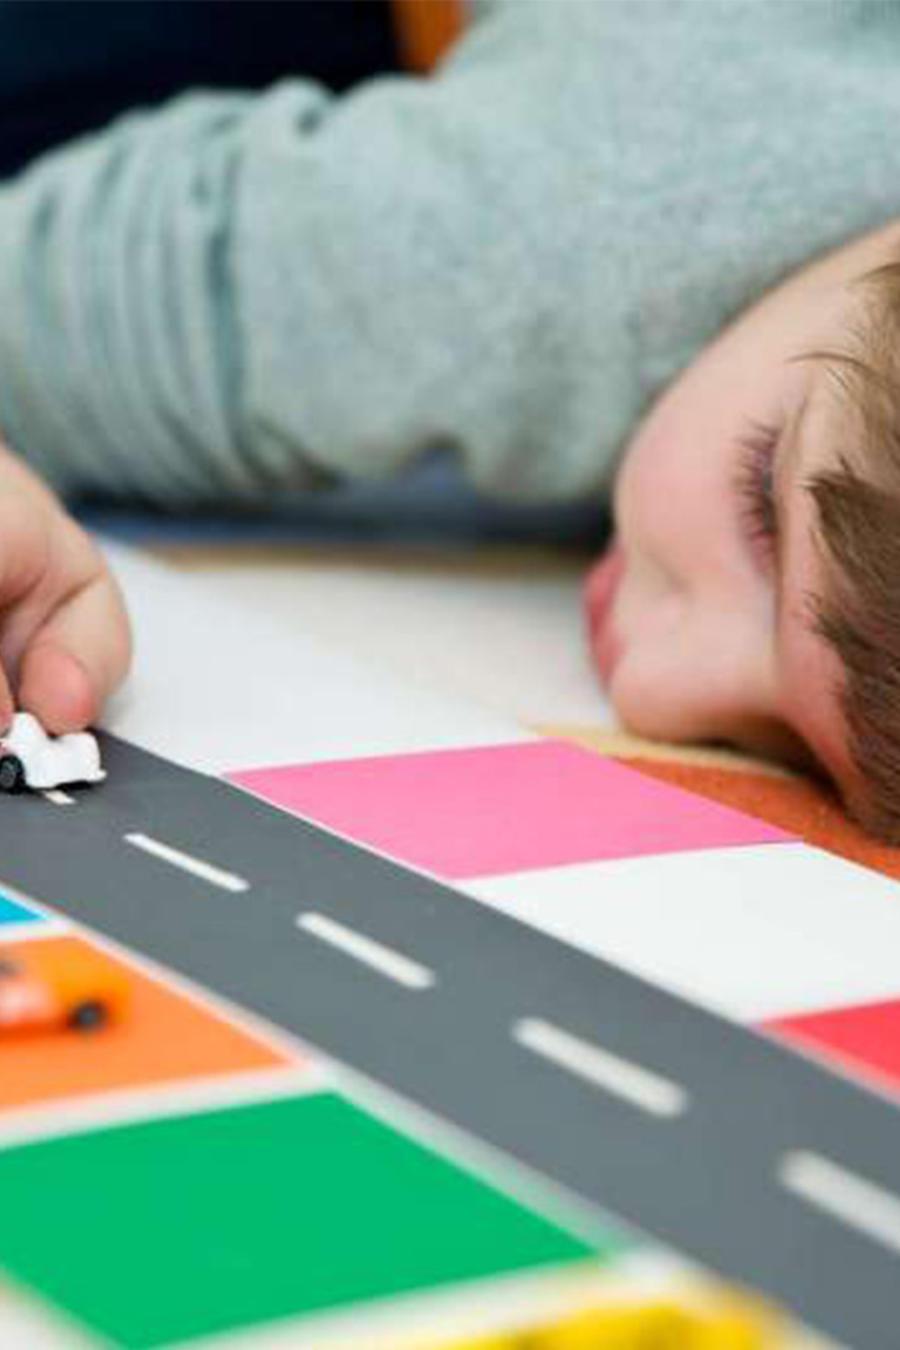 Acusan pareja de enjaular a niño autista